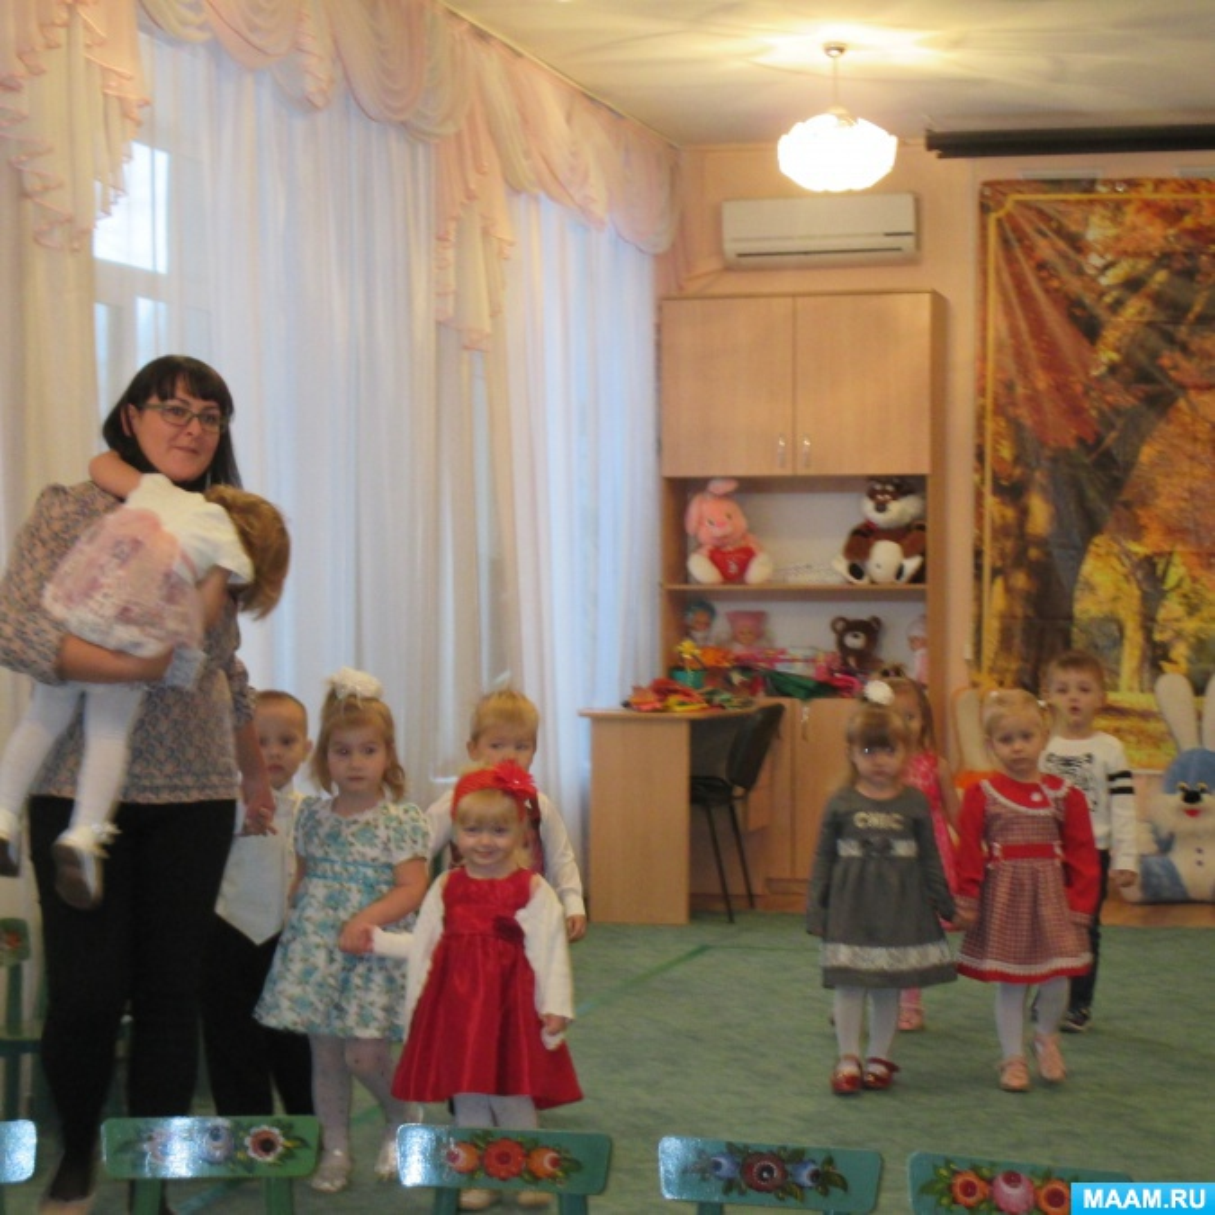 Фотоотчет об осеннем празднике во второй группе раннего возраста